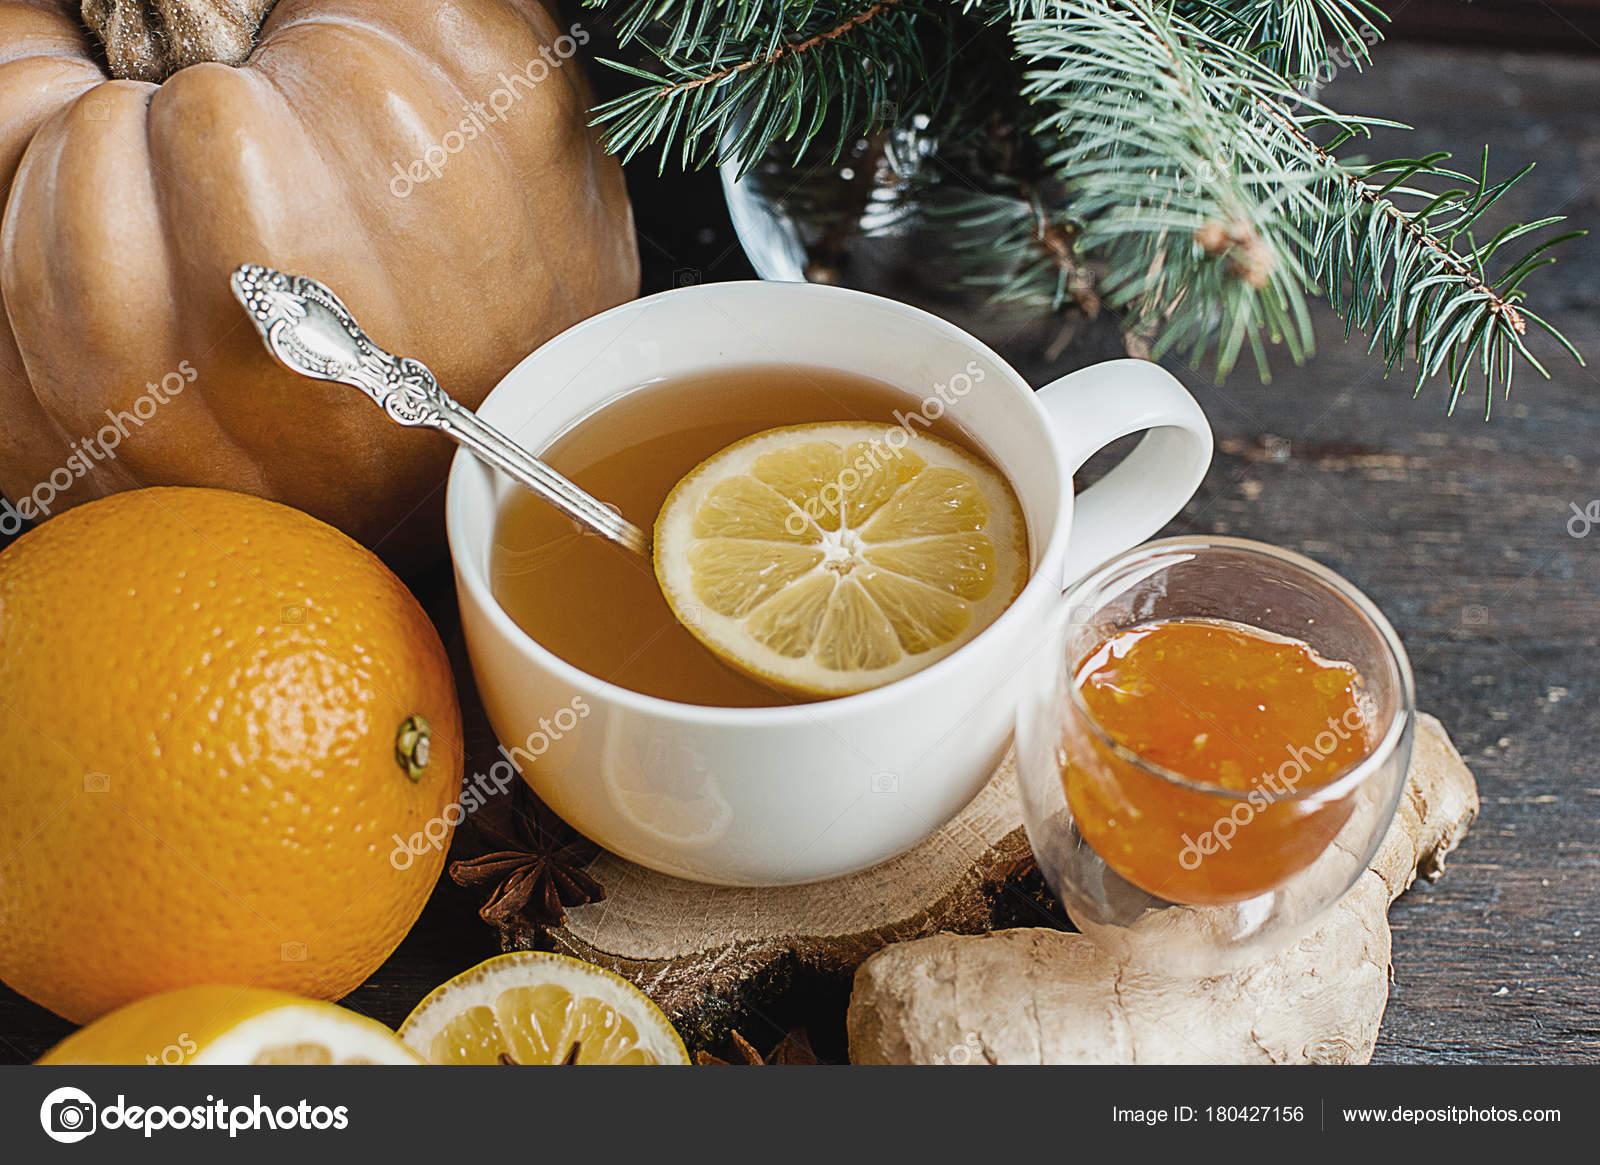 Zencefilli Limonlu Kabak Marmelatı